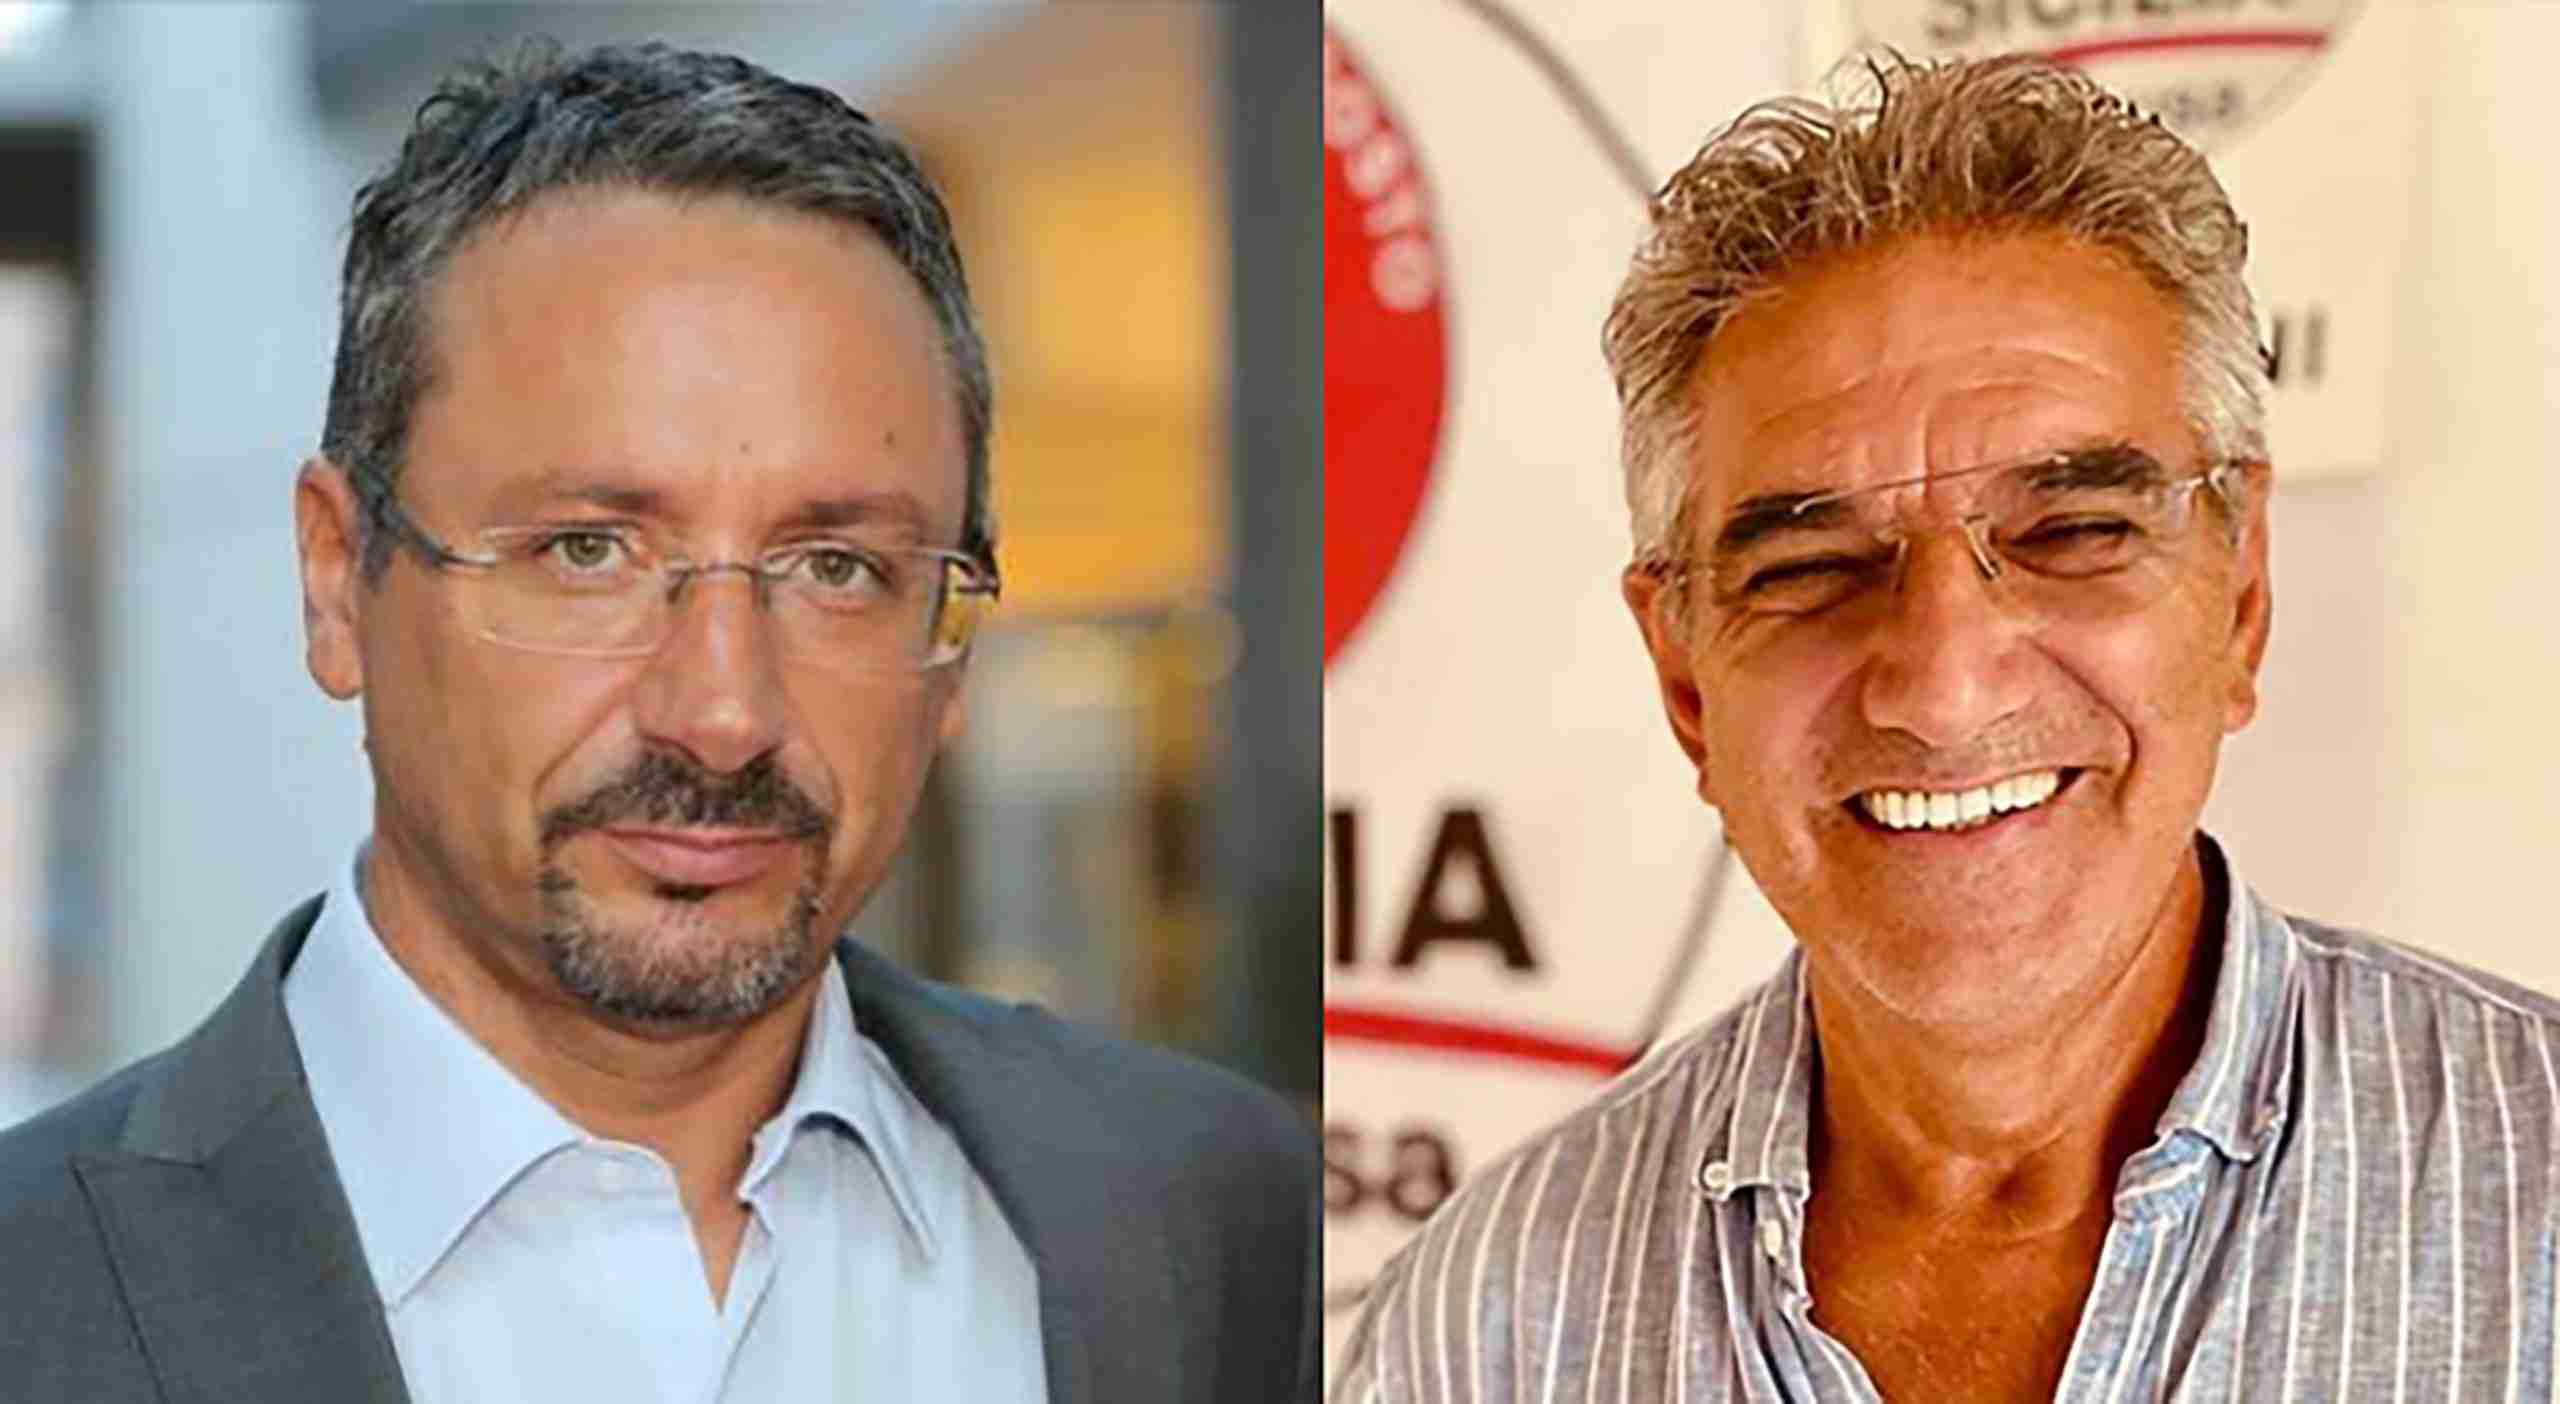 L'europarlamentare Piernicola Piedicini a Rosolini per sostenere la candidatura dell'imprenditore Franco Di Tommasi